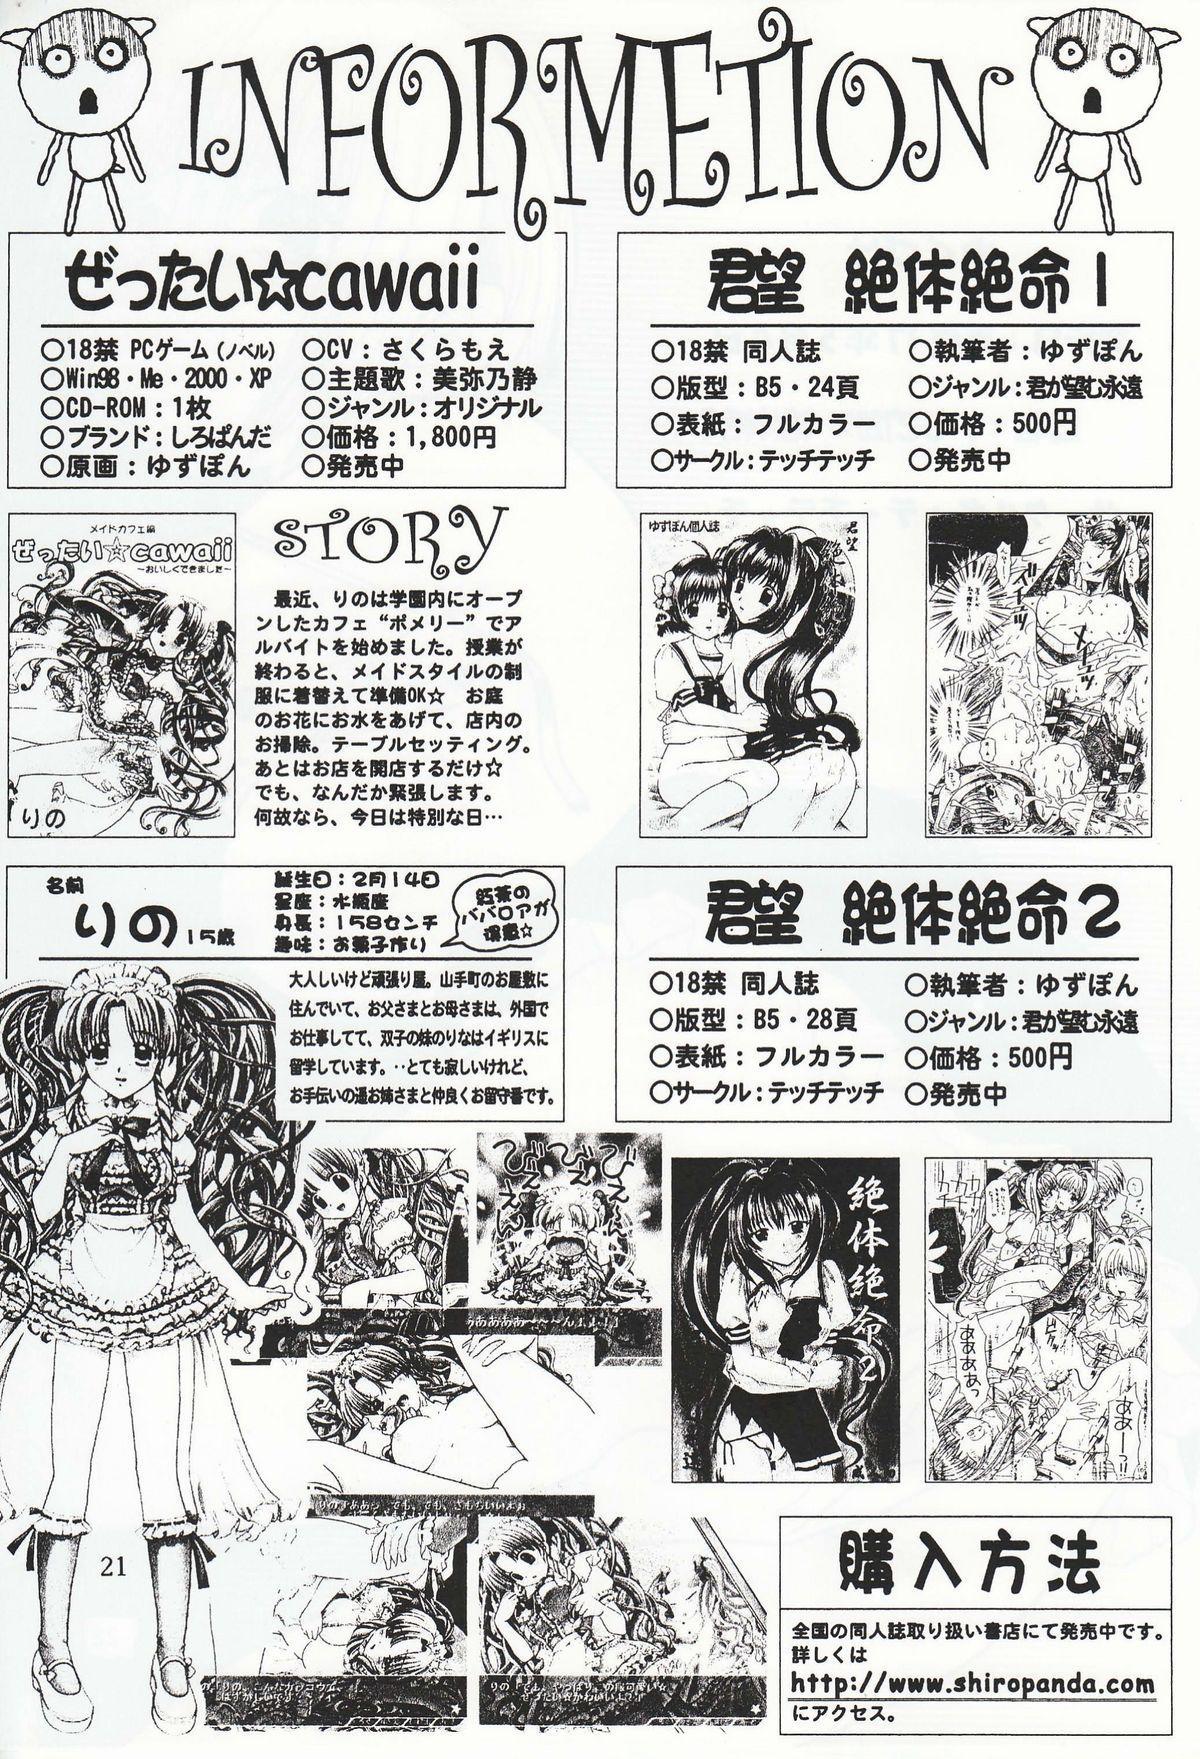 Ichigo 120% Zettai Zetsumei 19